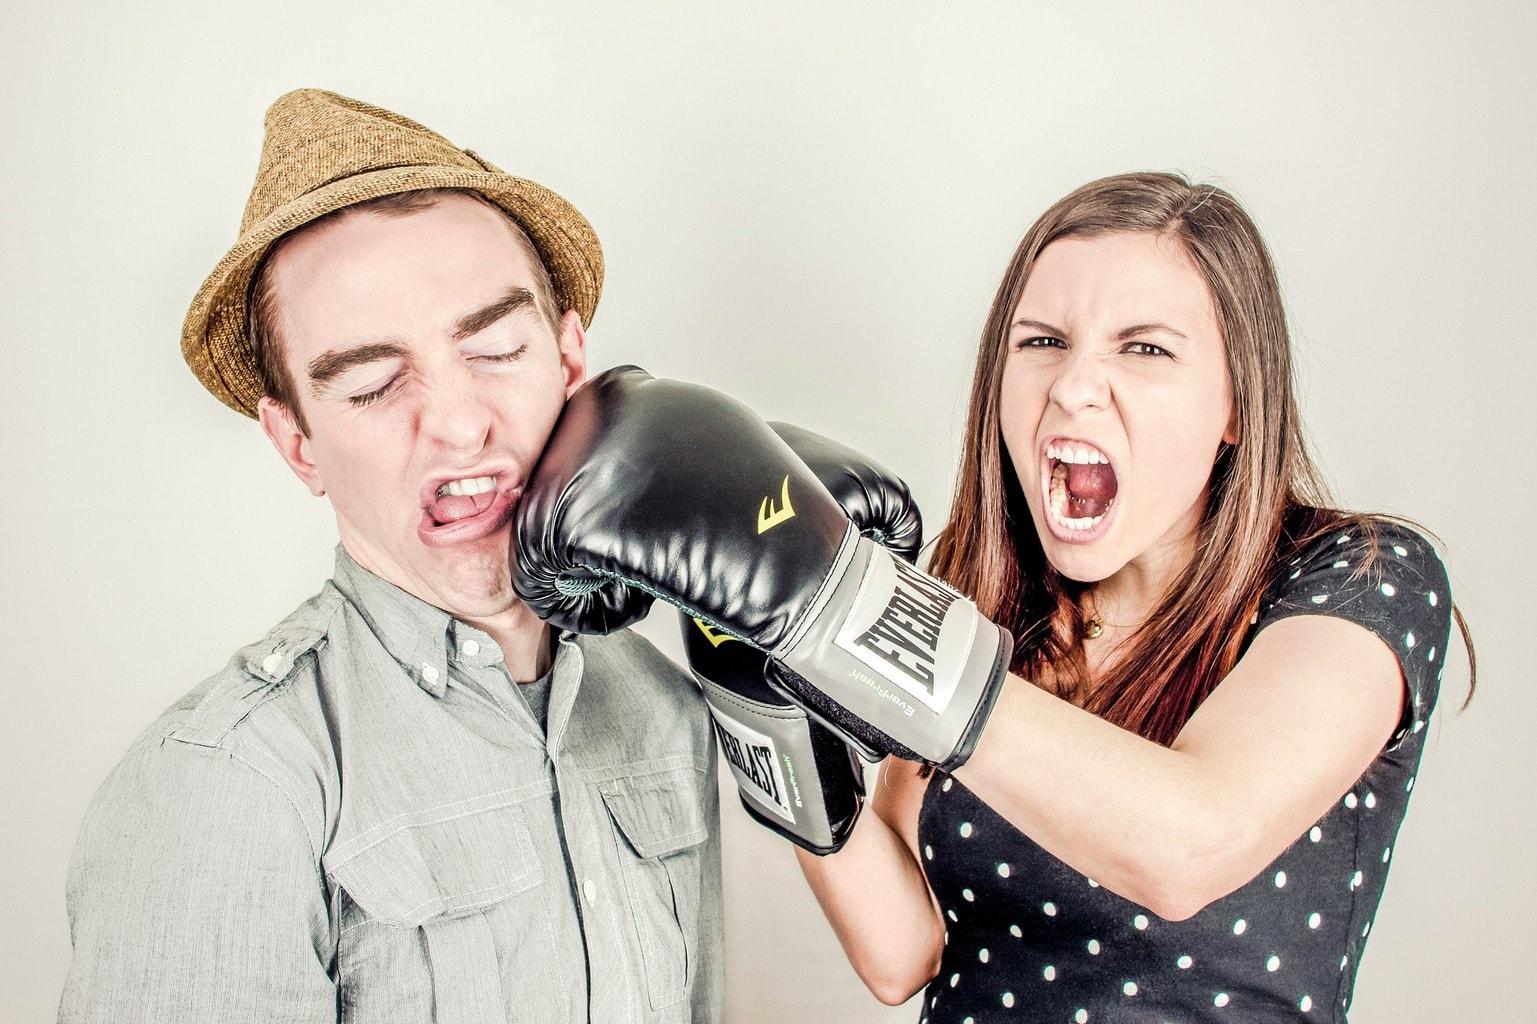 fotografía de una pareja boxeo